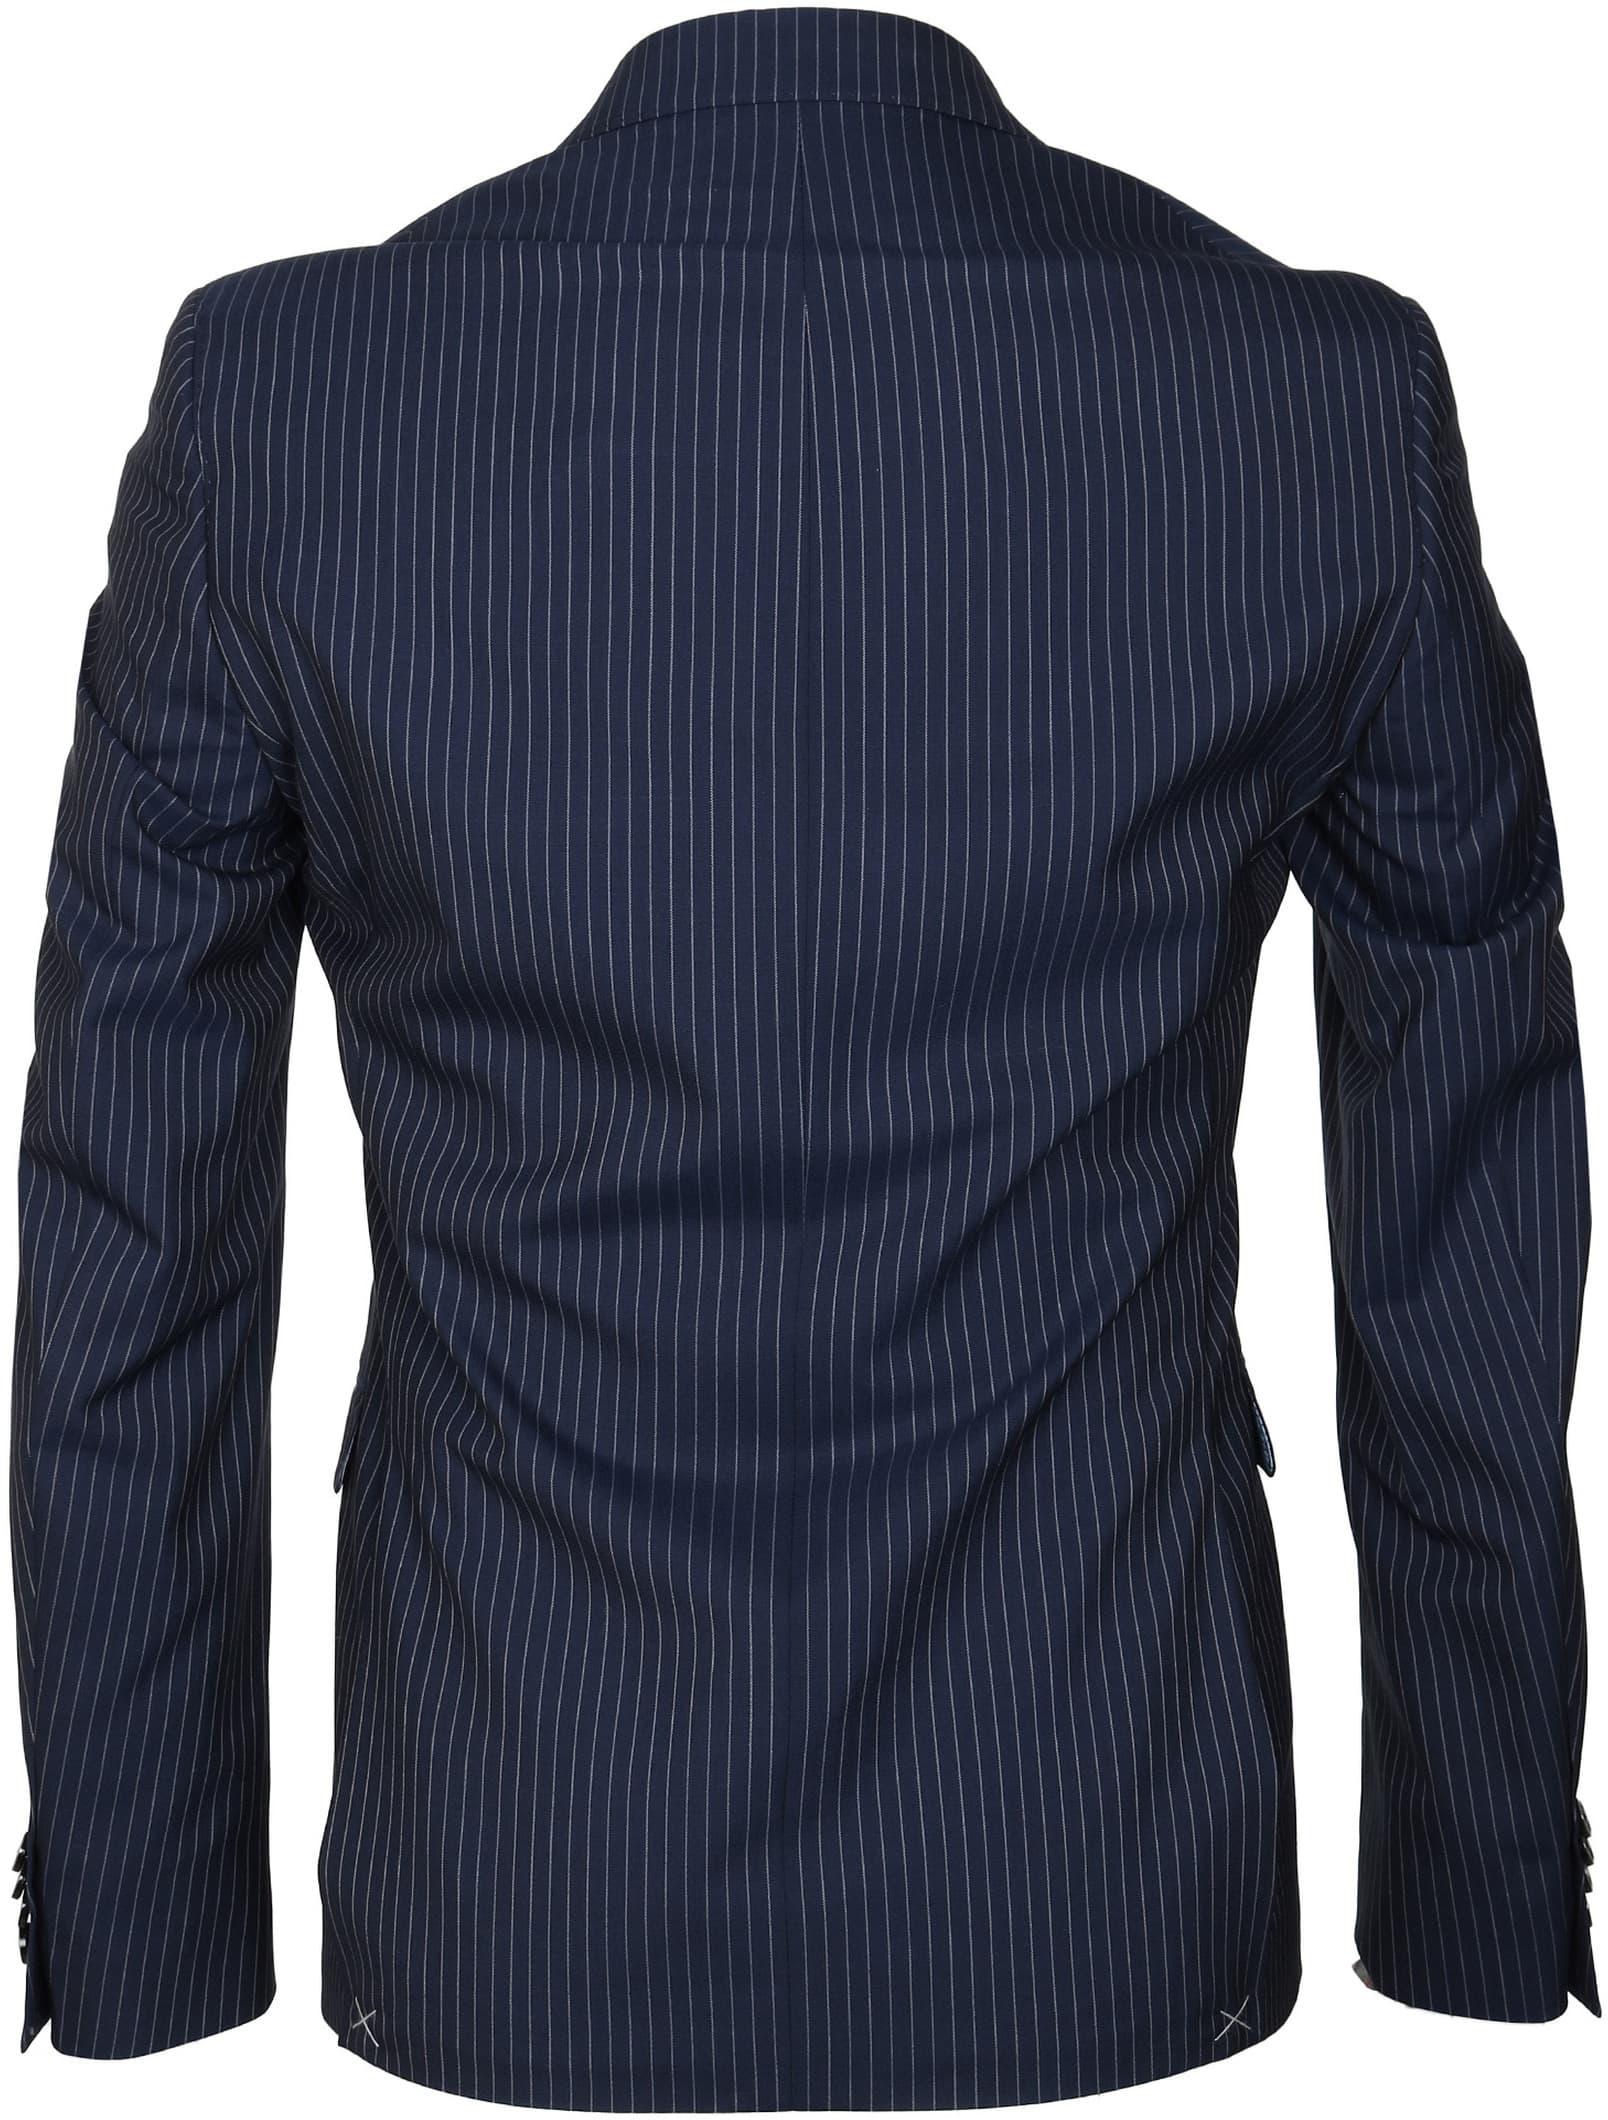 Suitable Suit Strato Stripe Navy foto 4